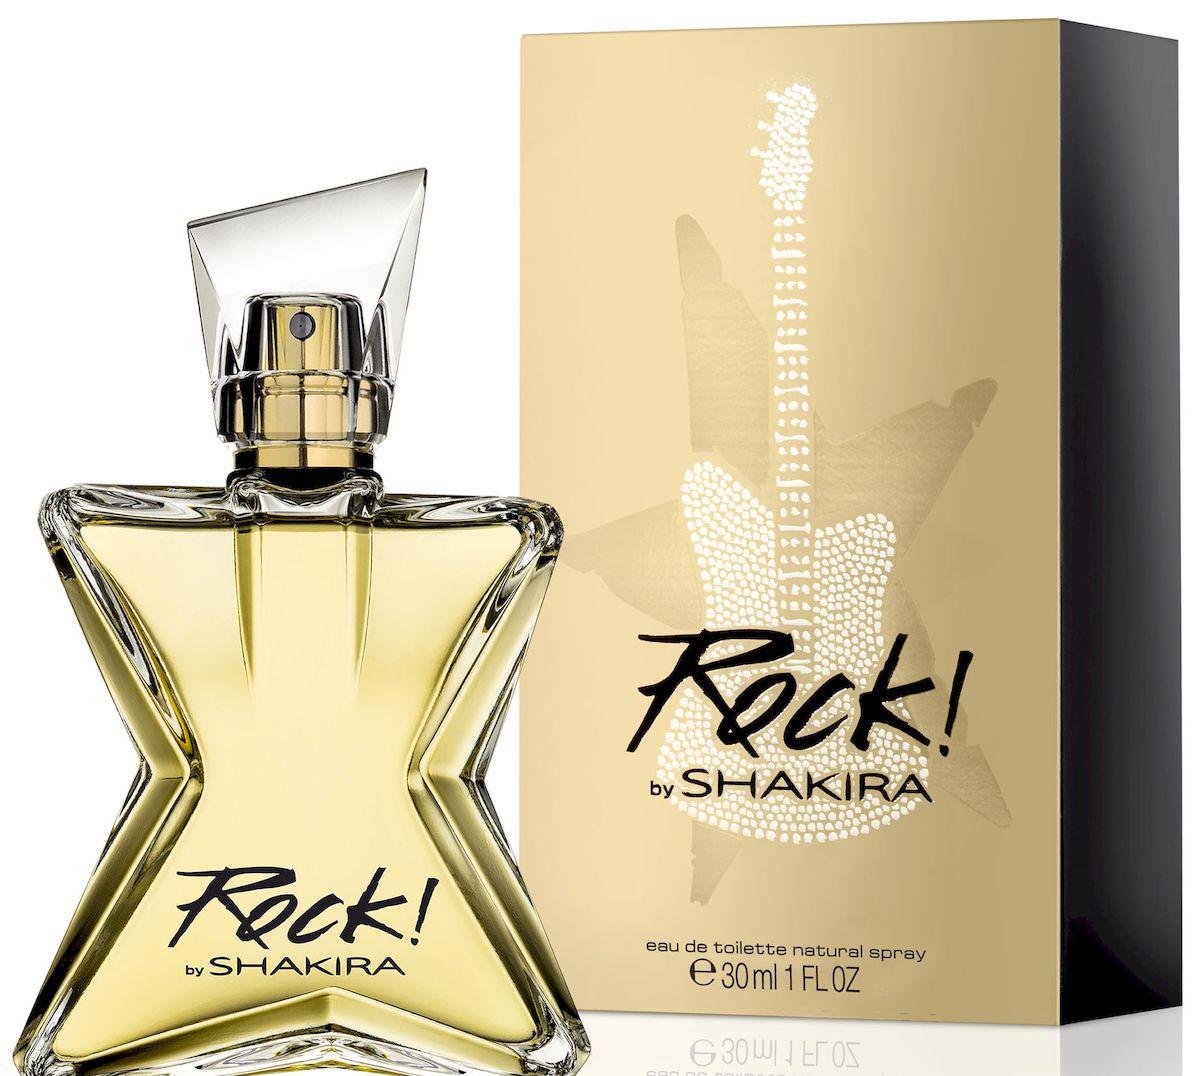 Shakira Rock By Shakira Туалетная вода, женская, 30 мл65085245Вдохновленная чистой энергией рока, Шакира вложила в новый аромат всю магическую притягательность своей музыки. Как и музыка певицы, Rock! by Shakira провозглашает свободу. Ноты зеленого мандарина, сочных фруктов и маракуйи звучат безошибочным ритмом городского бита. Мелодия цветочного аккорда увлекает в чувственный мир наслаждений. Созвучие жасмина и флердоранжа гармонично завершает композицию верхних нот. Базовые аккорды пачули и кедра взрываются соблазнительным ритмом и завершаются загадочным шлейфом амбровых нот. Rock! воплощает всю притягательную силу музыки. Верхняя нота: Мандарин, маракуйя. Средняя нота: Цветы апельсина, Тиаре. Шлейф: Кедр, амбра. Тиаре - для пленительного соблазна.